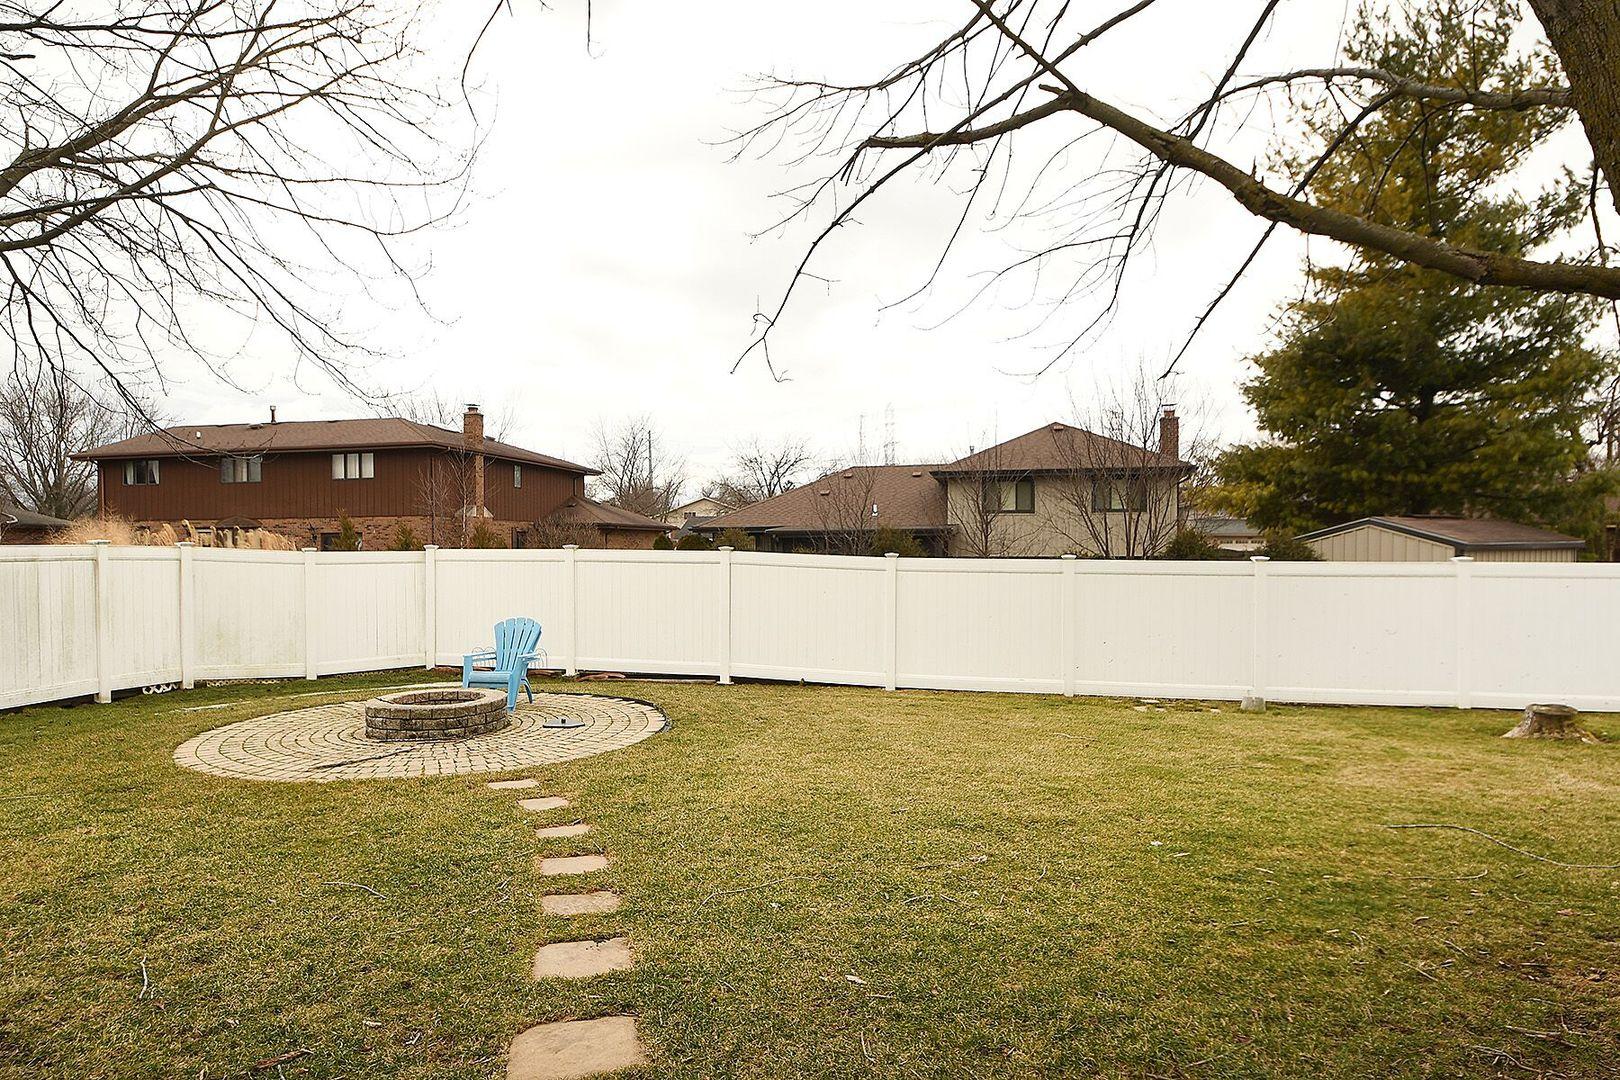 14514 South Appaloosa, Homer Glen, Illinois, 60491